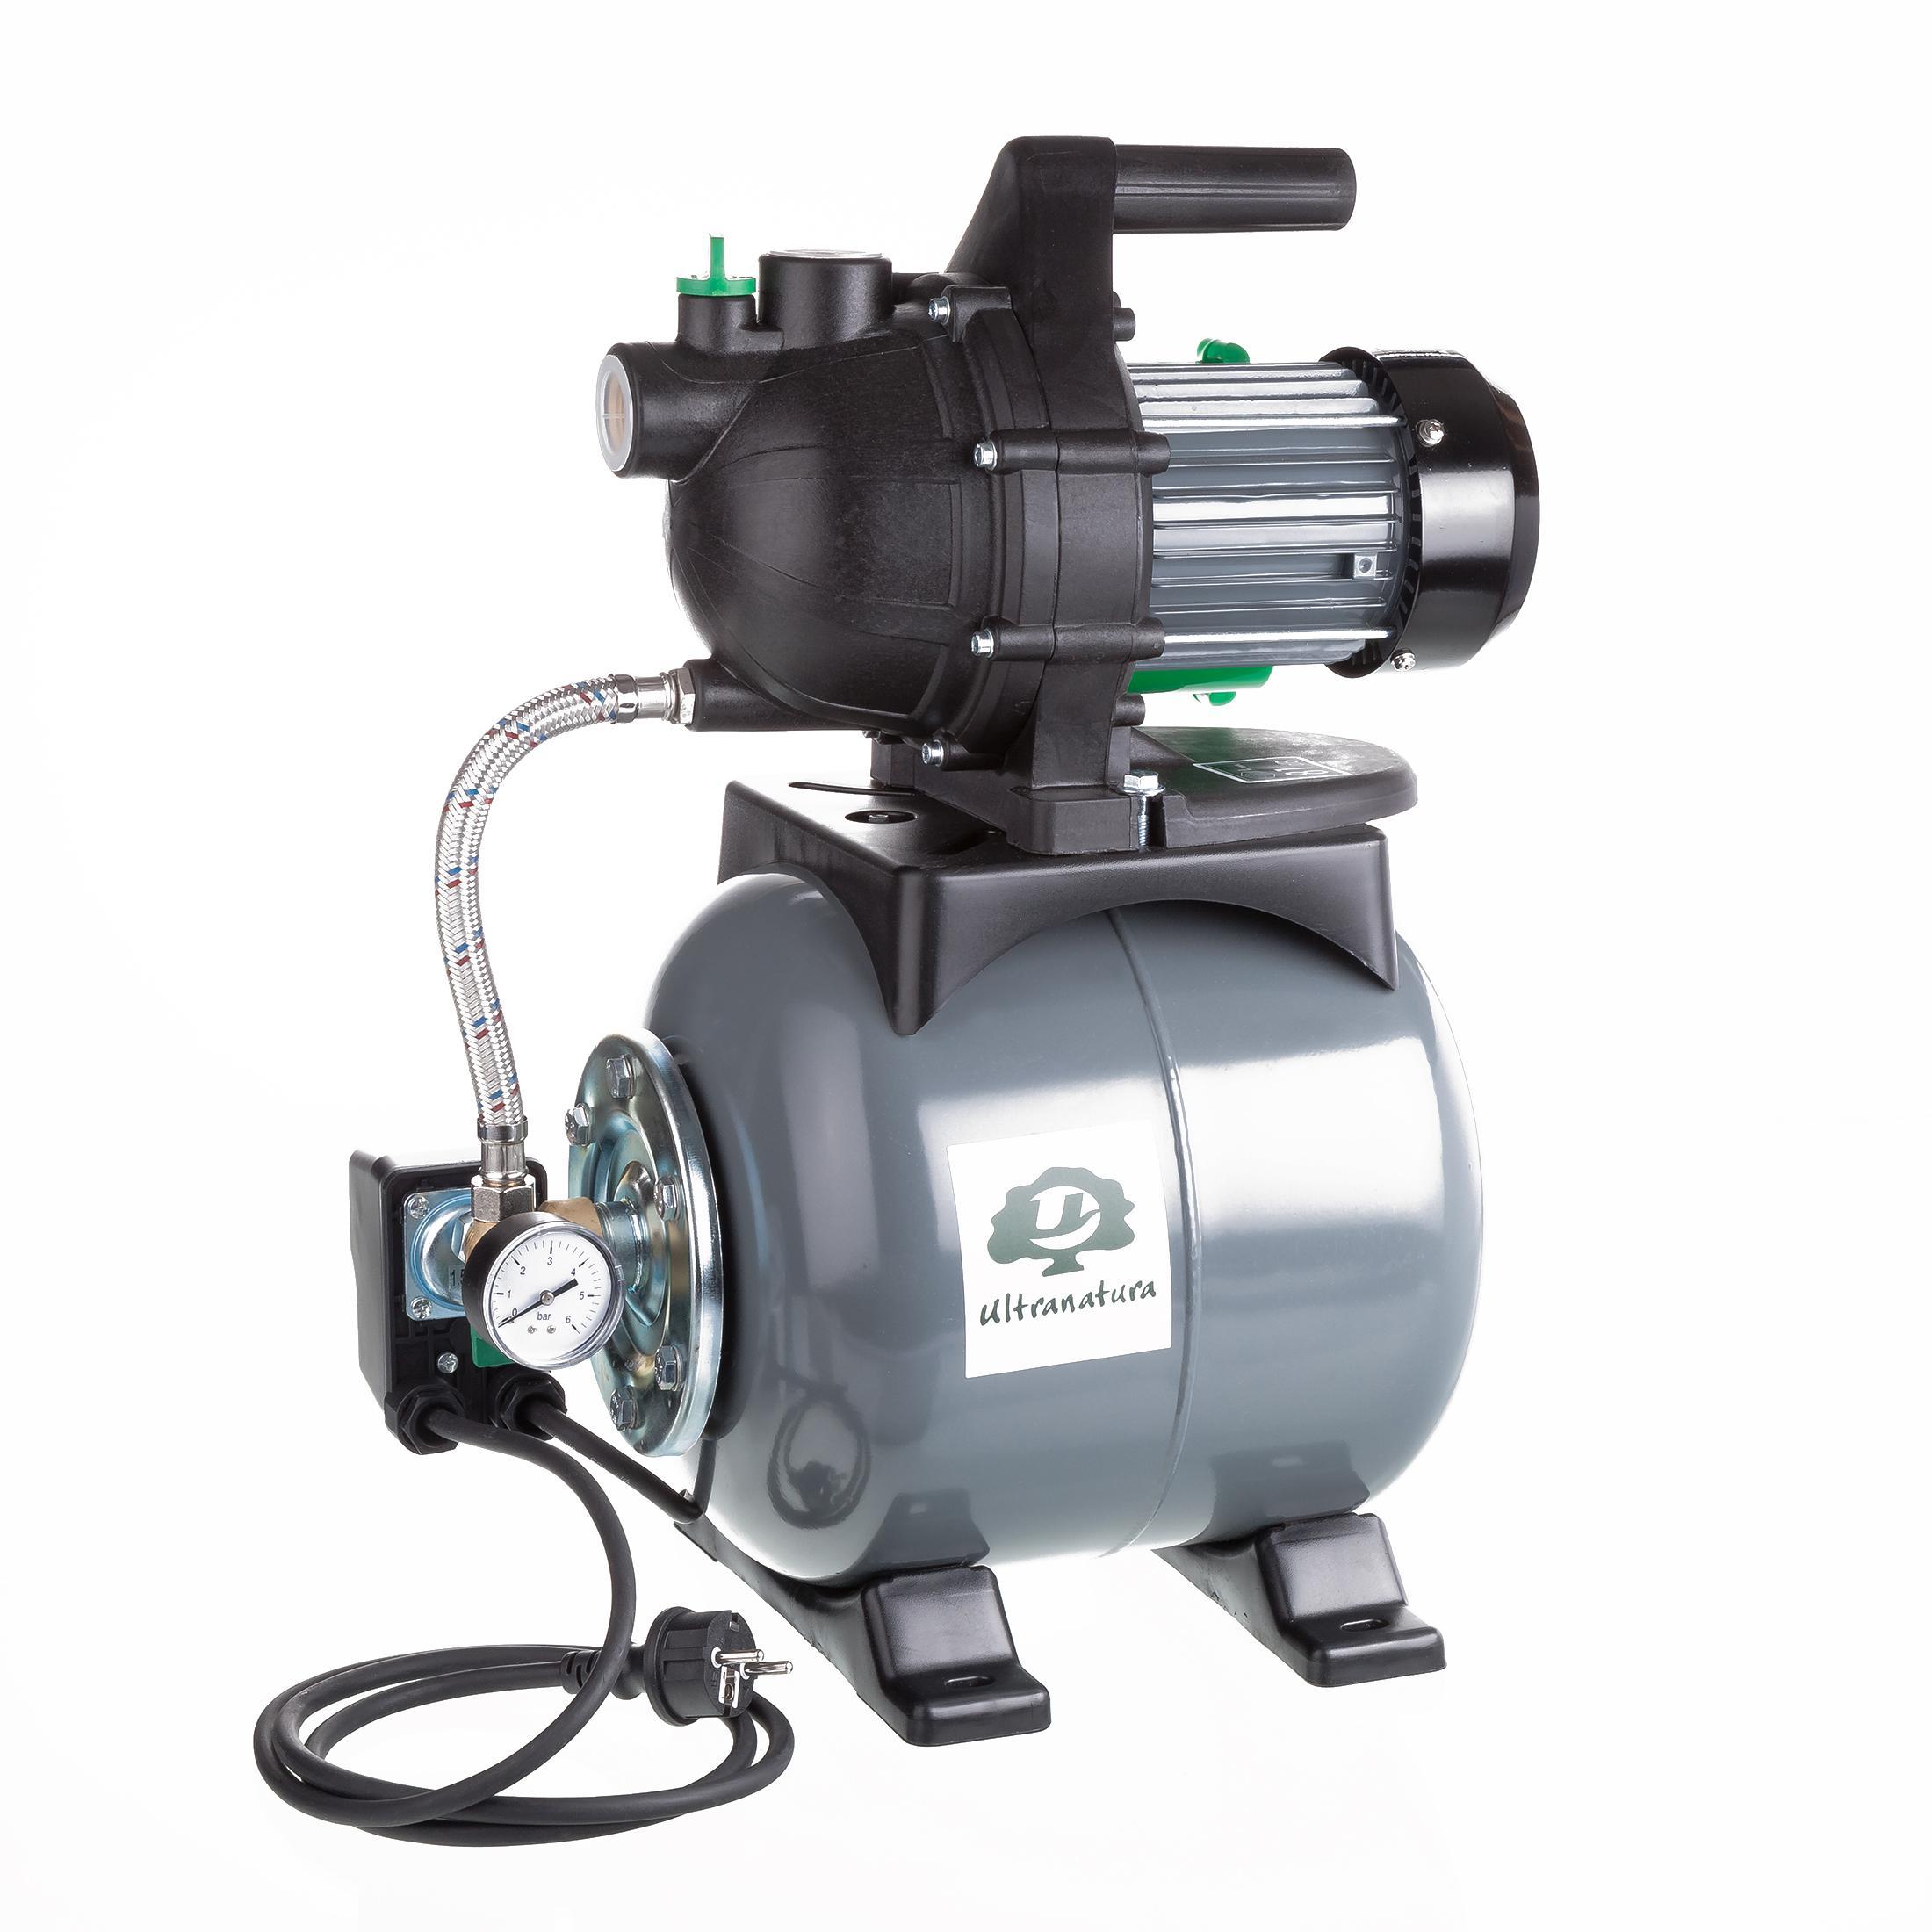 Ultranatura 200100000400 Instalación de Agua doméstica AW